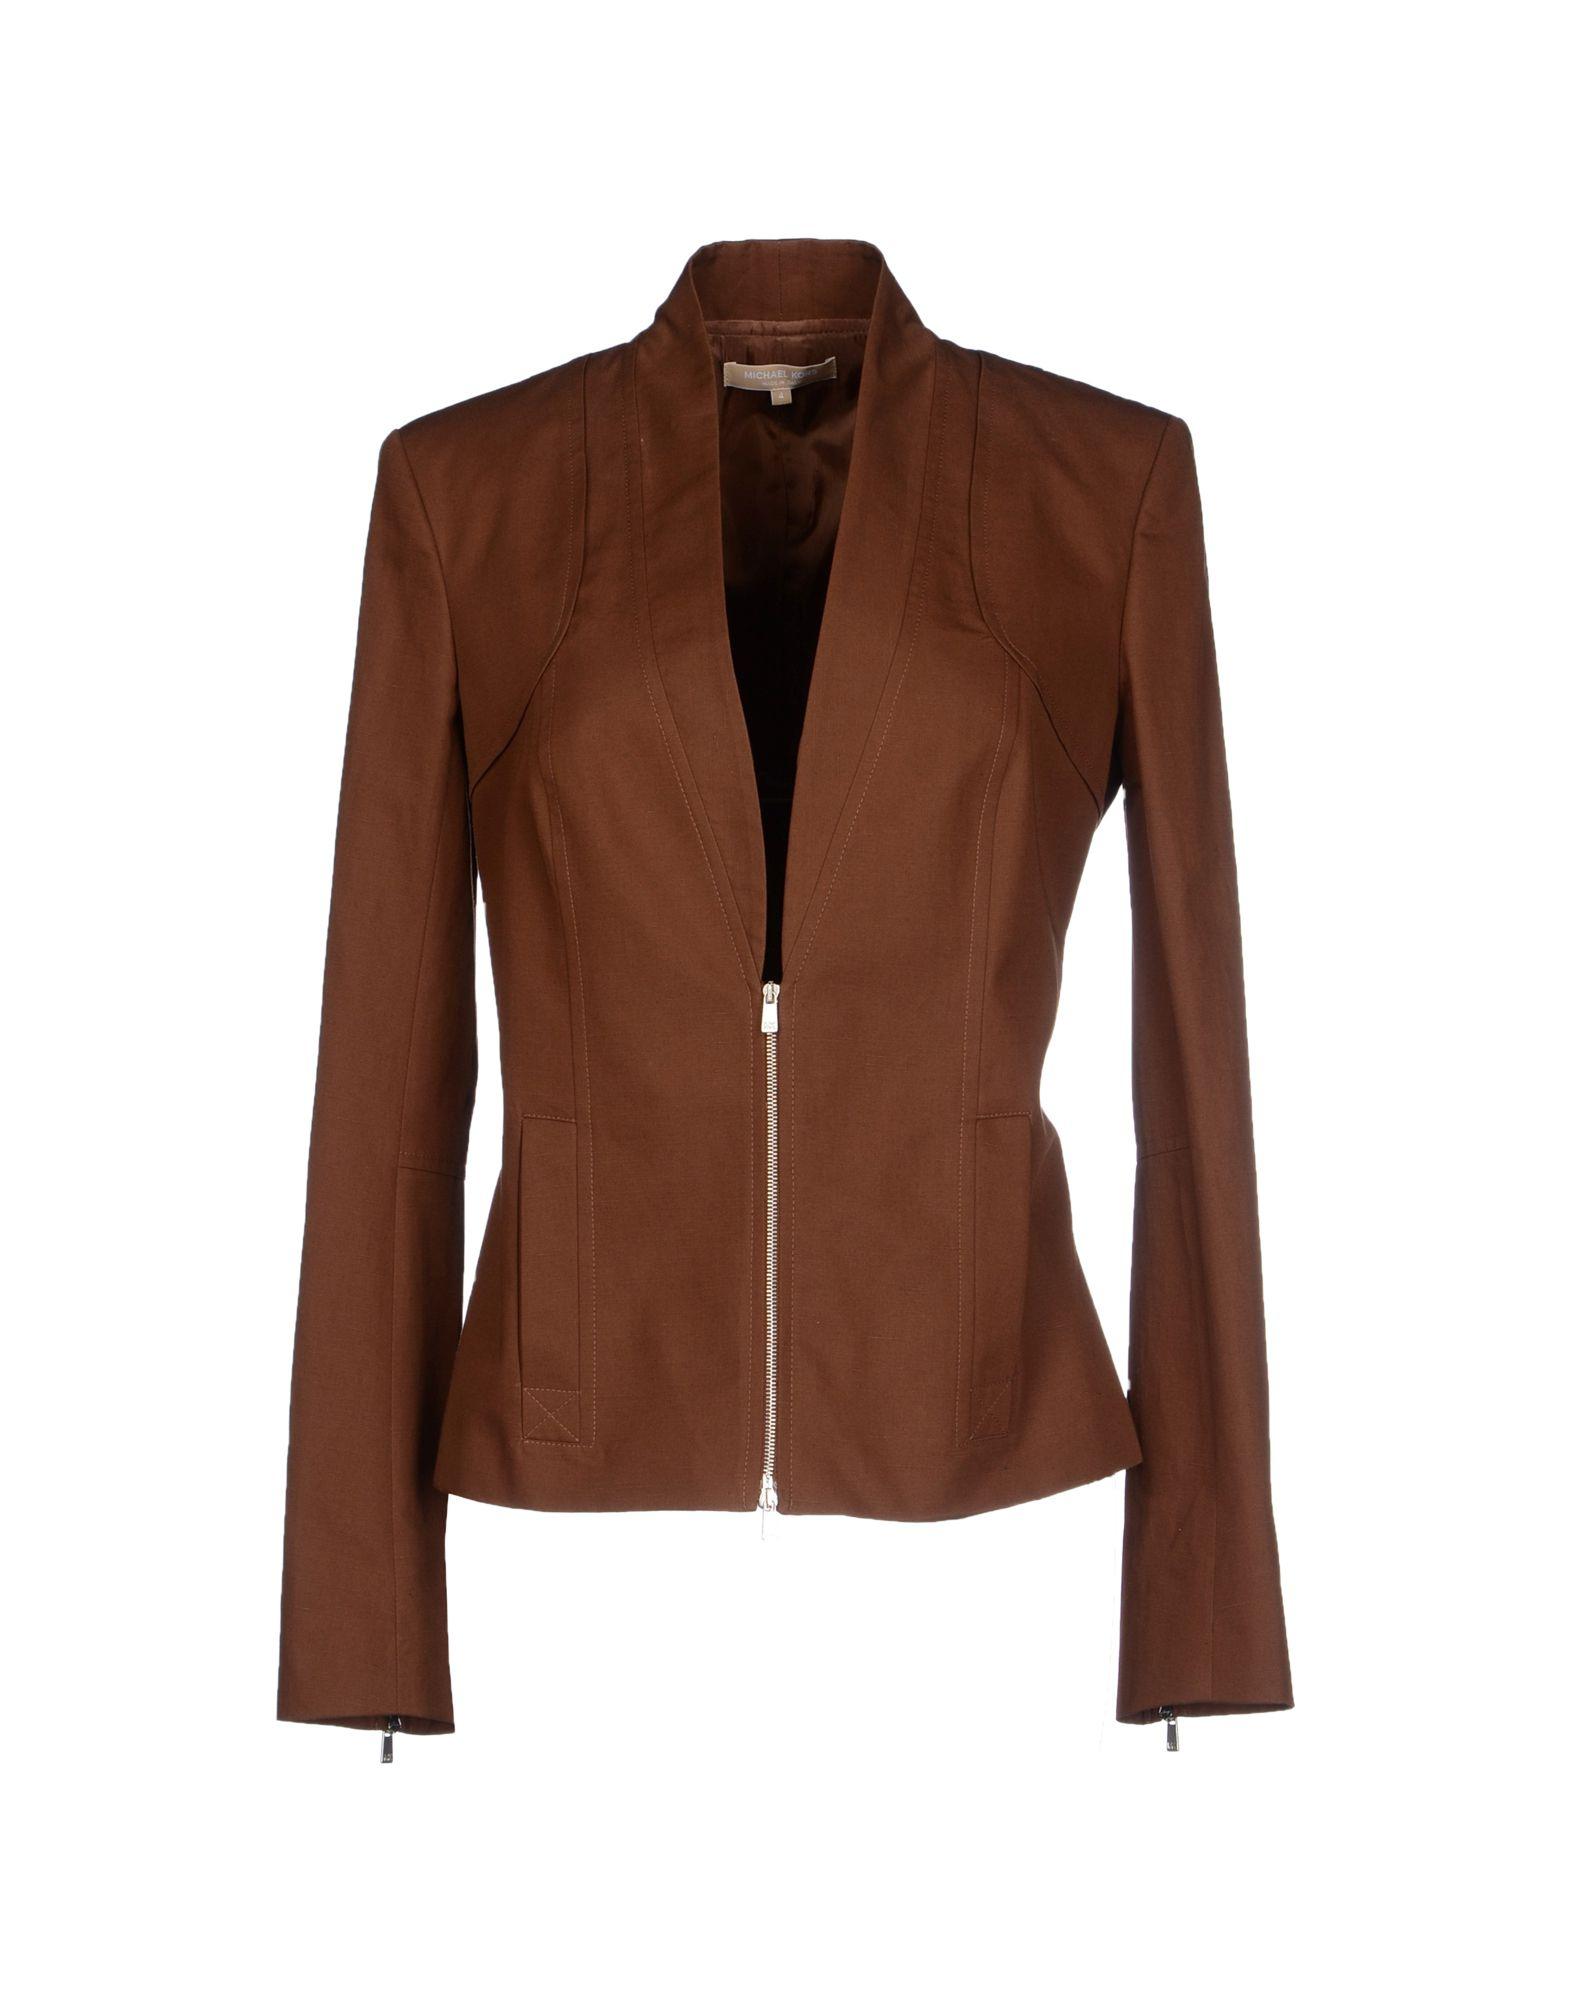 michael kors jacket in brown save 70 lyst. Black Bedroom Furniture Sets. Home Design Ideas